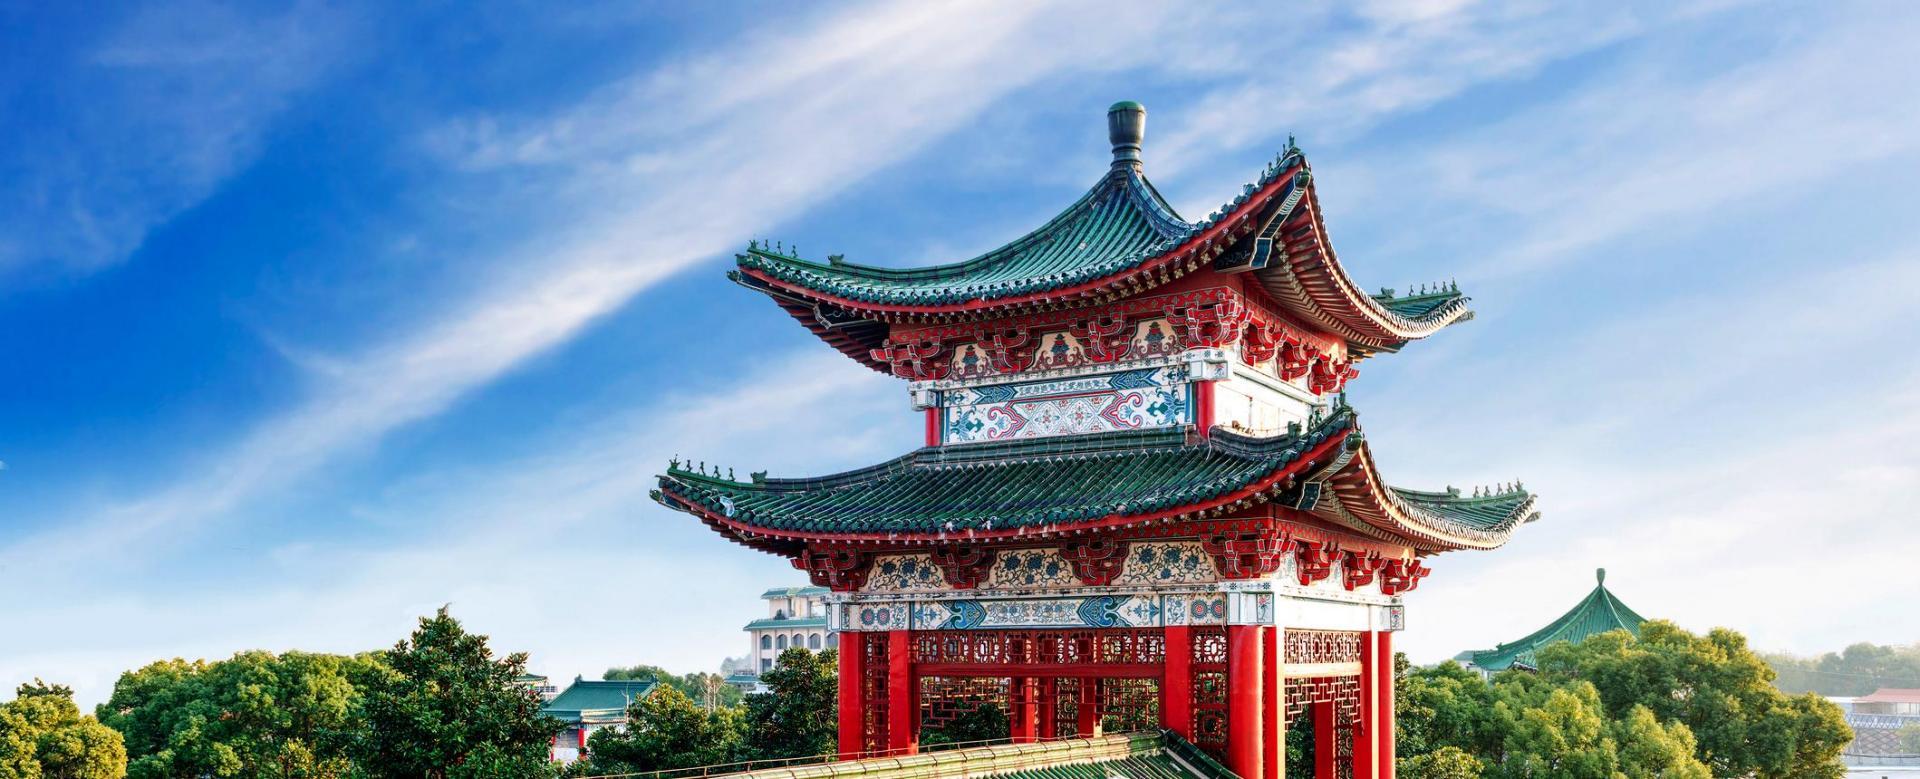 Voyage à pied : Chine, empire moderne et millénaire